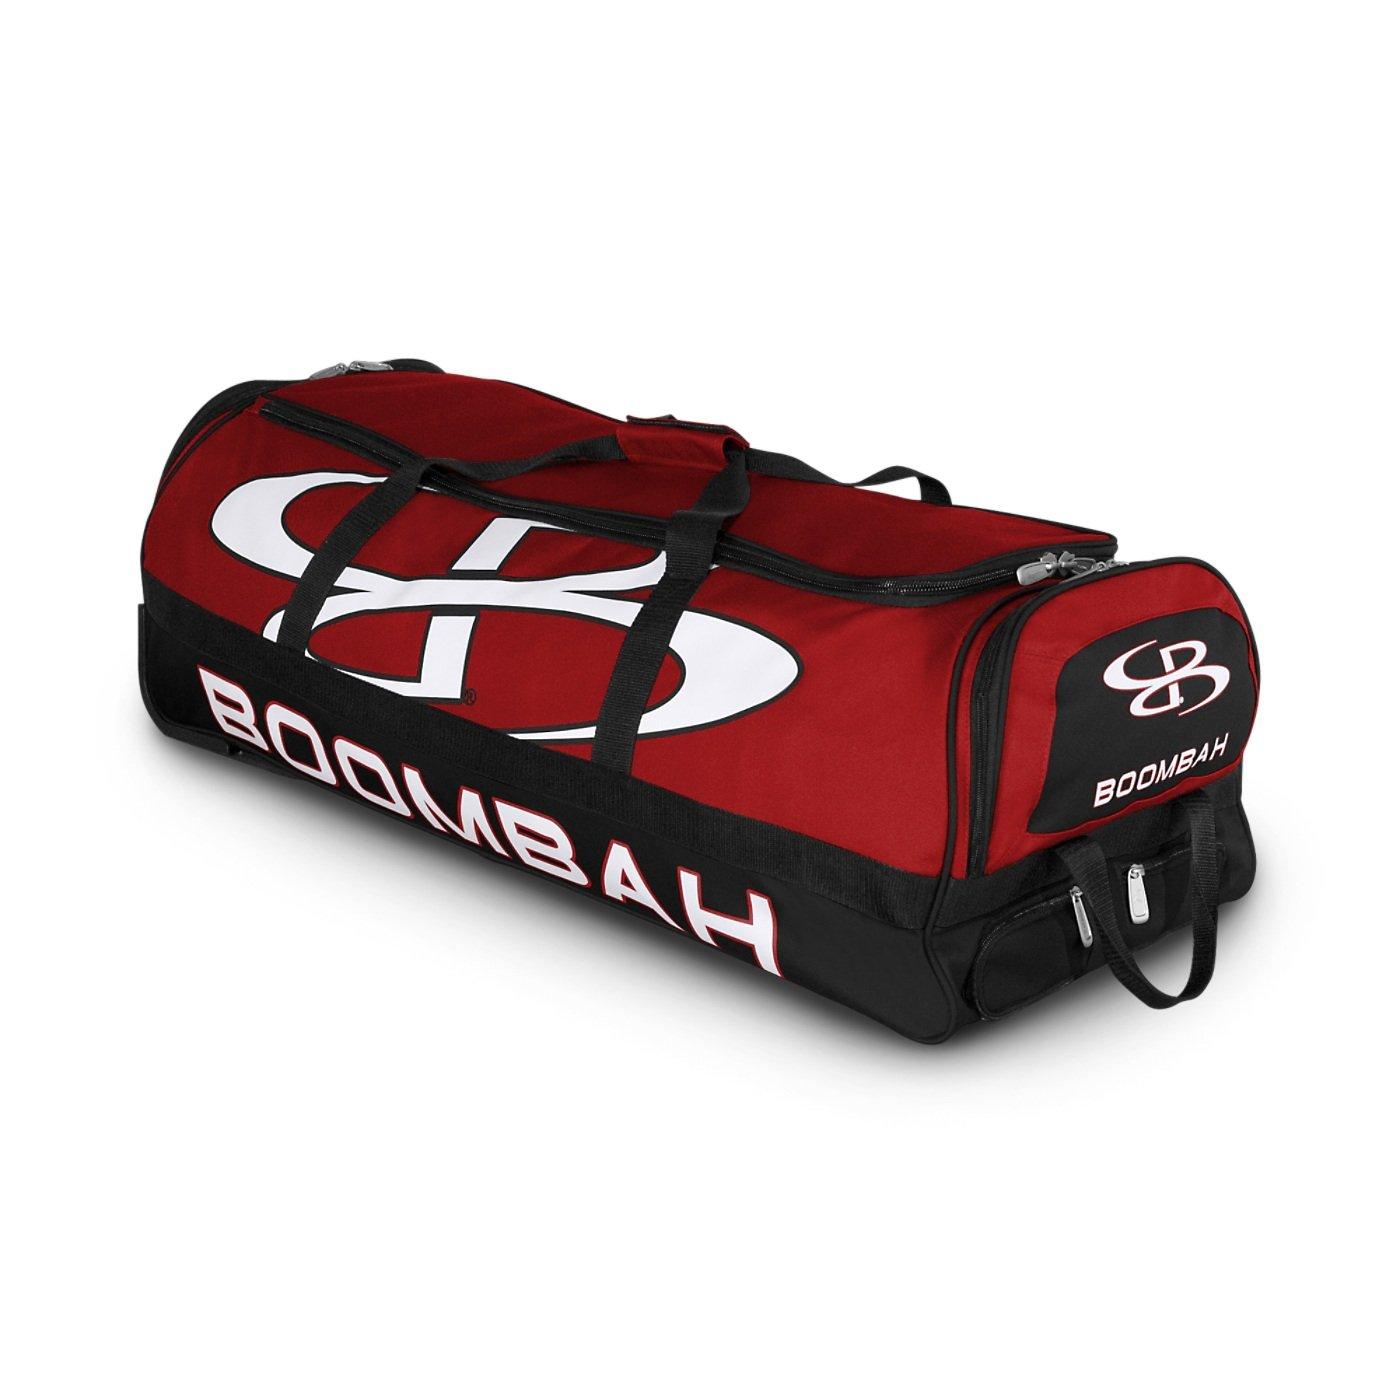 (ブームバー) Boombah Bruteシリーズ キャスター付きバットケース 野球ソフトボール用 35×15×12–1/2インチ 49色展開 4本のバットと用具を収納可能 B01MXRXJZN レッド/ブラック レッド/ブラック